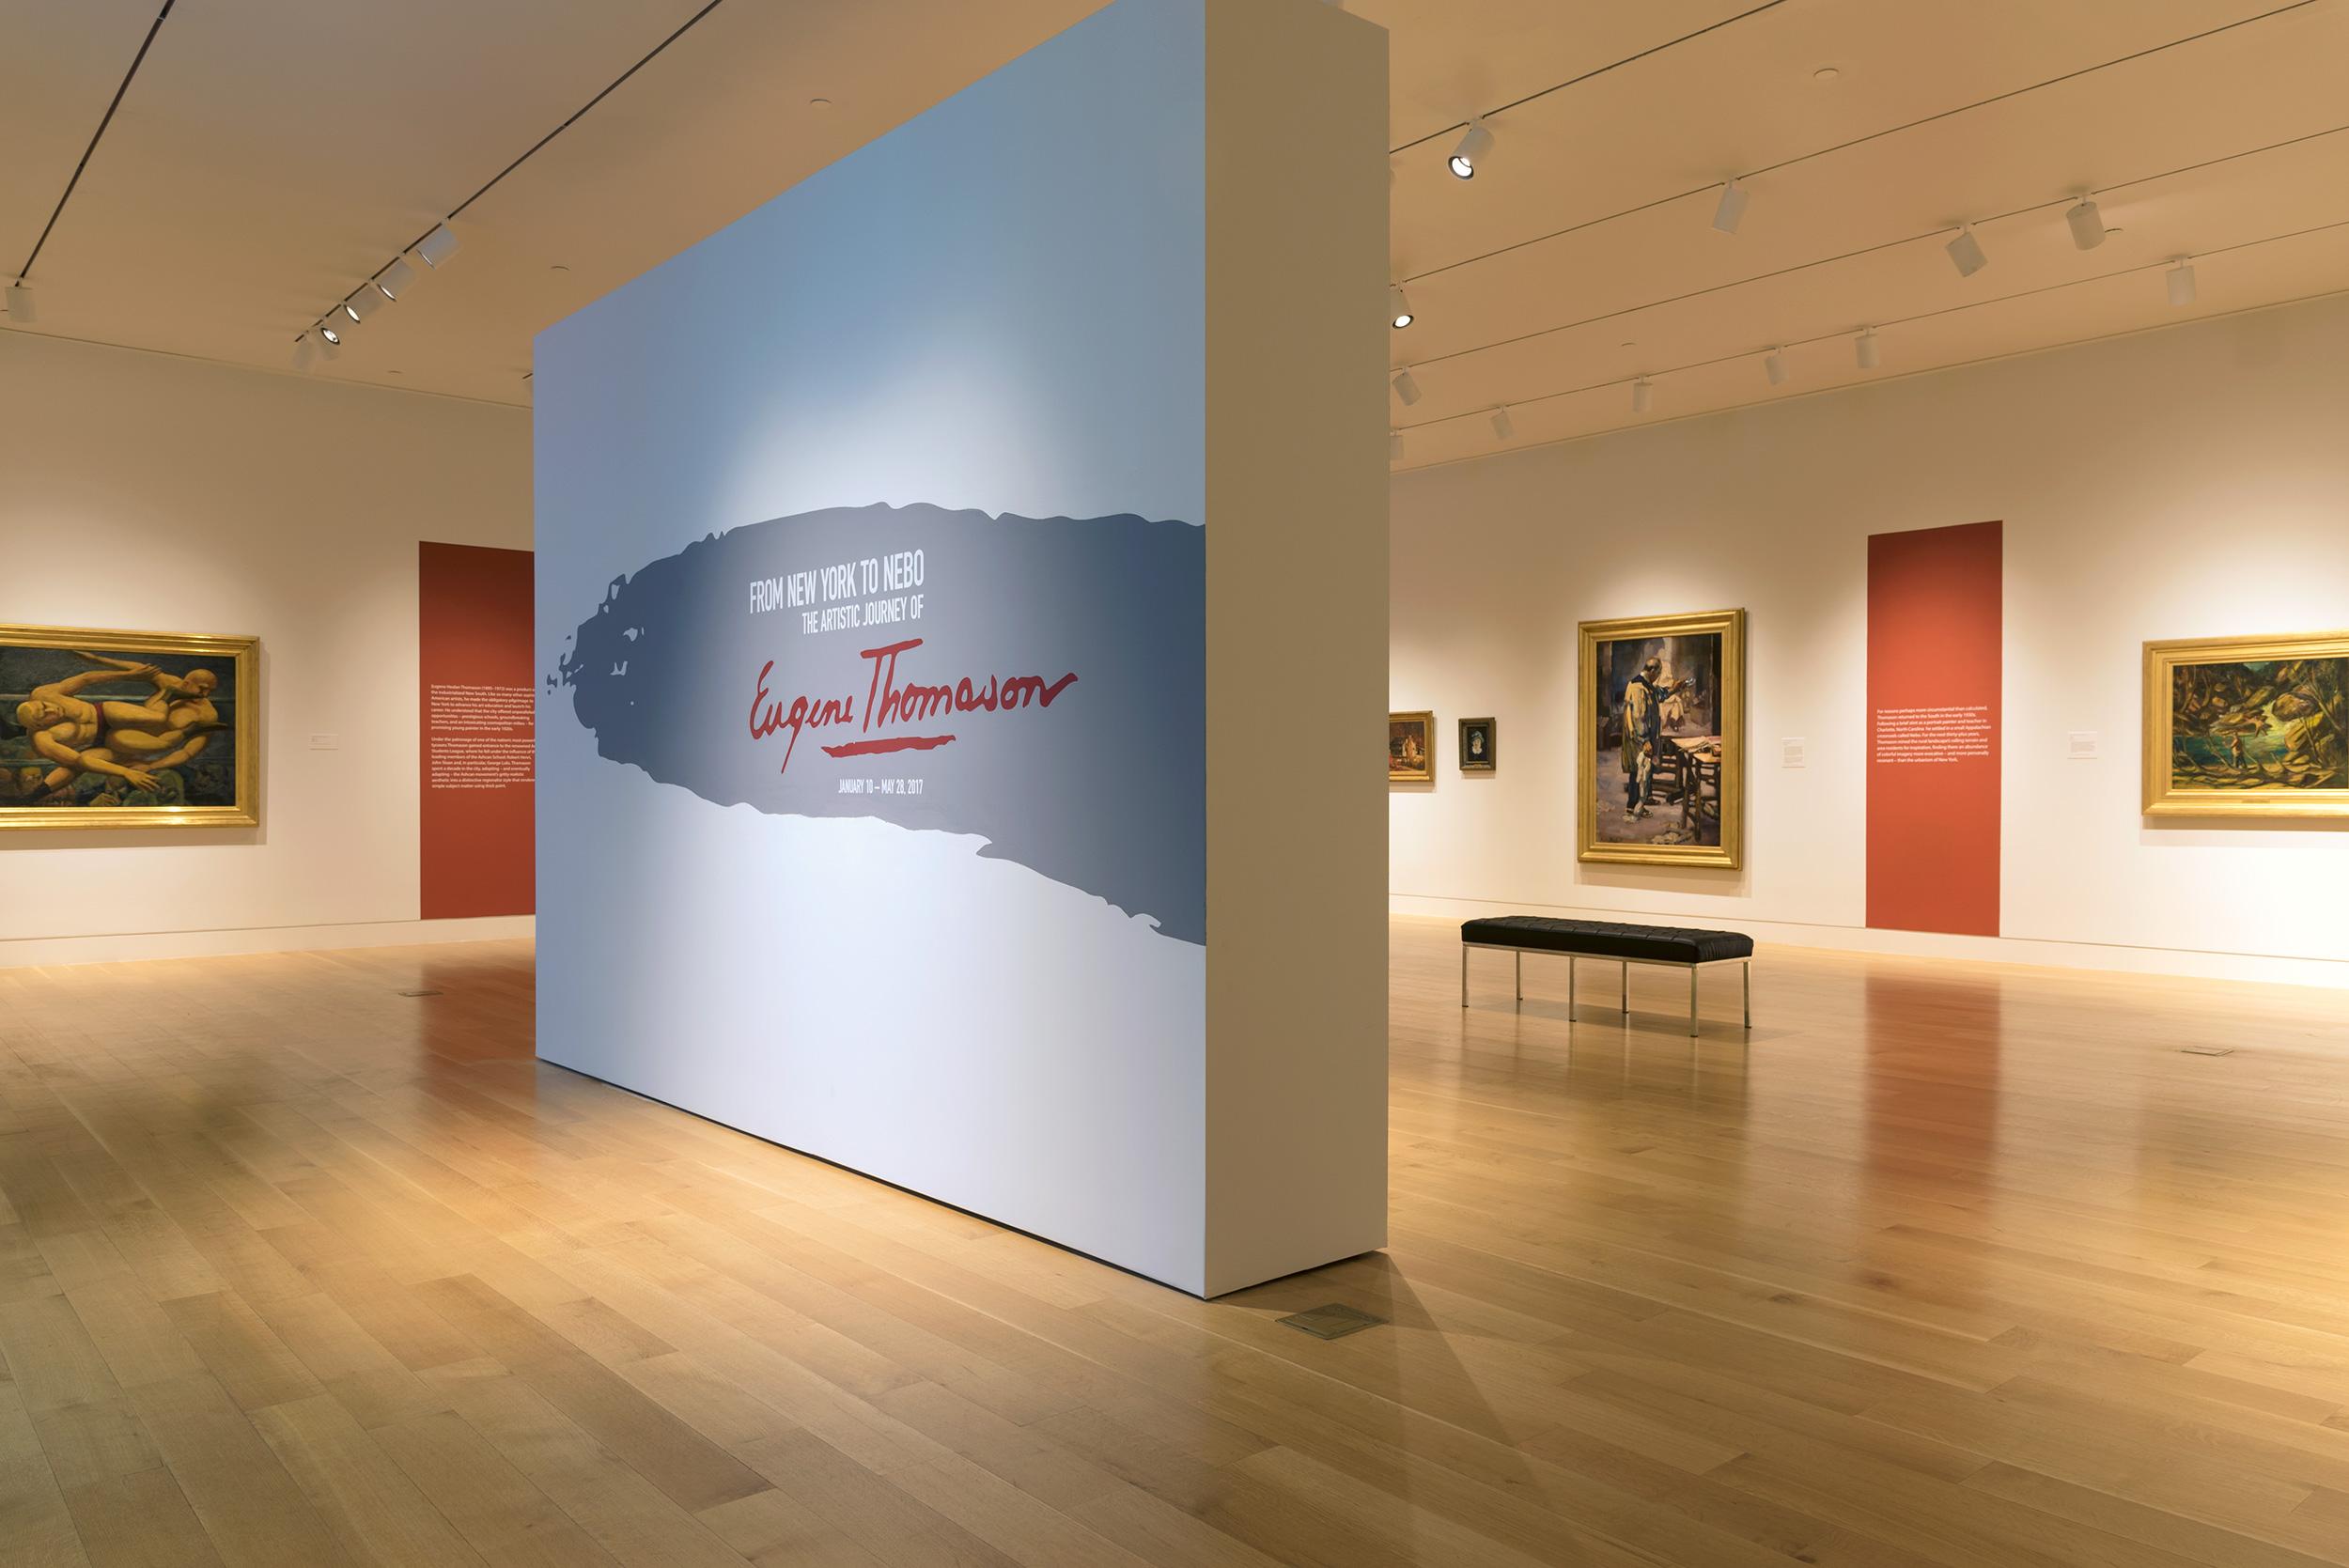 Eugene Thomason Exhibit Overview